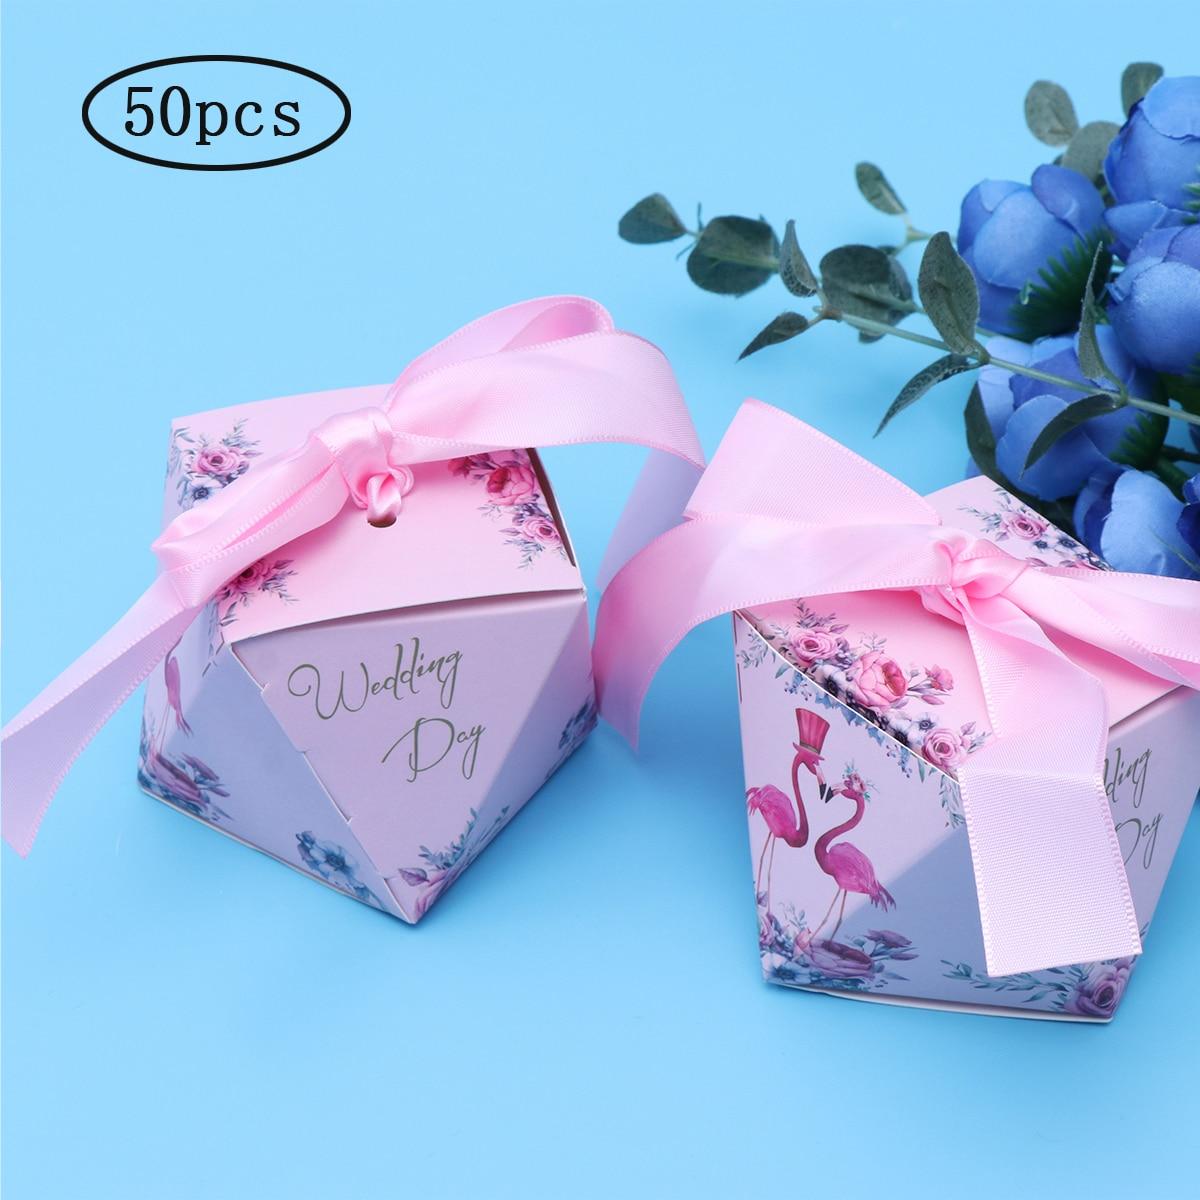 Boîte à bonbons cadeau de mariage 50pcs en forme de diamant boîtes à bonbons flamant rose porte-bonbons chocolat cadeau traiter boîtes faveurs de fête de mariage